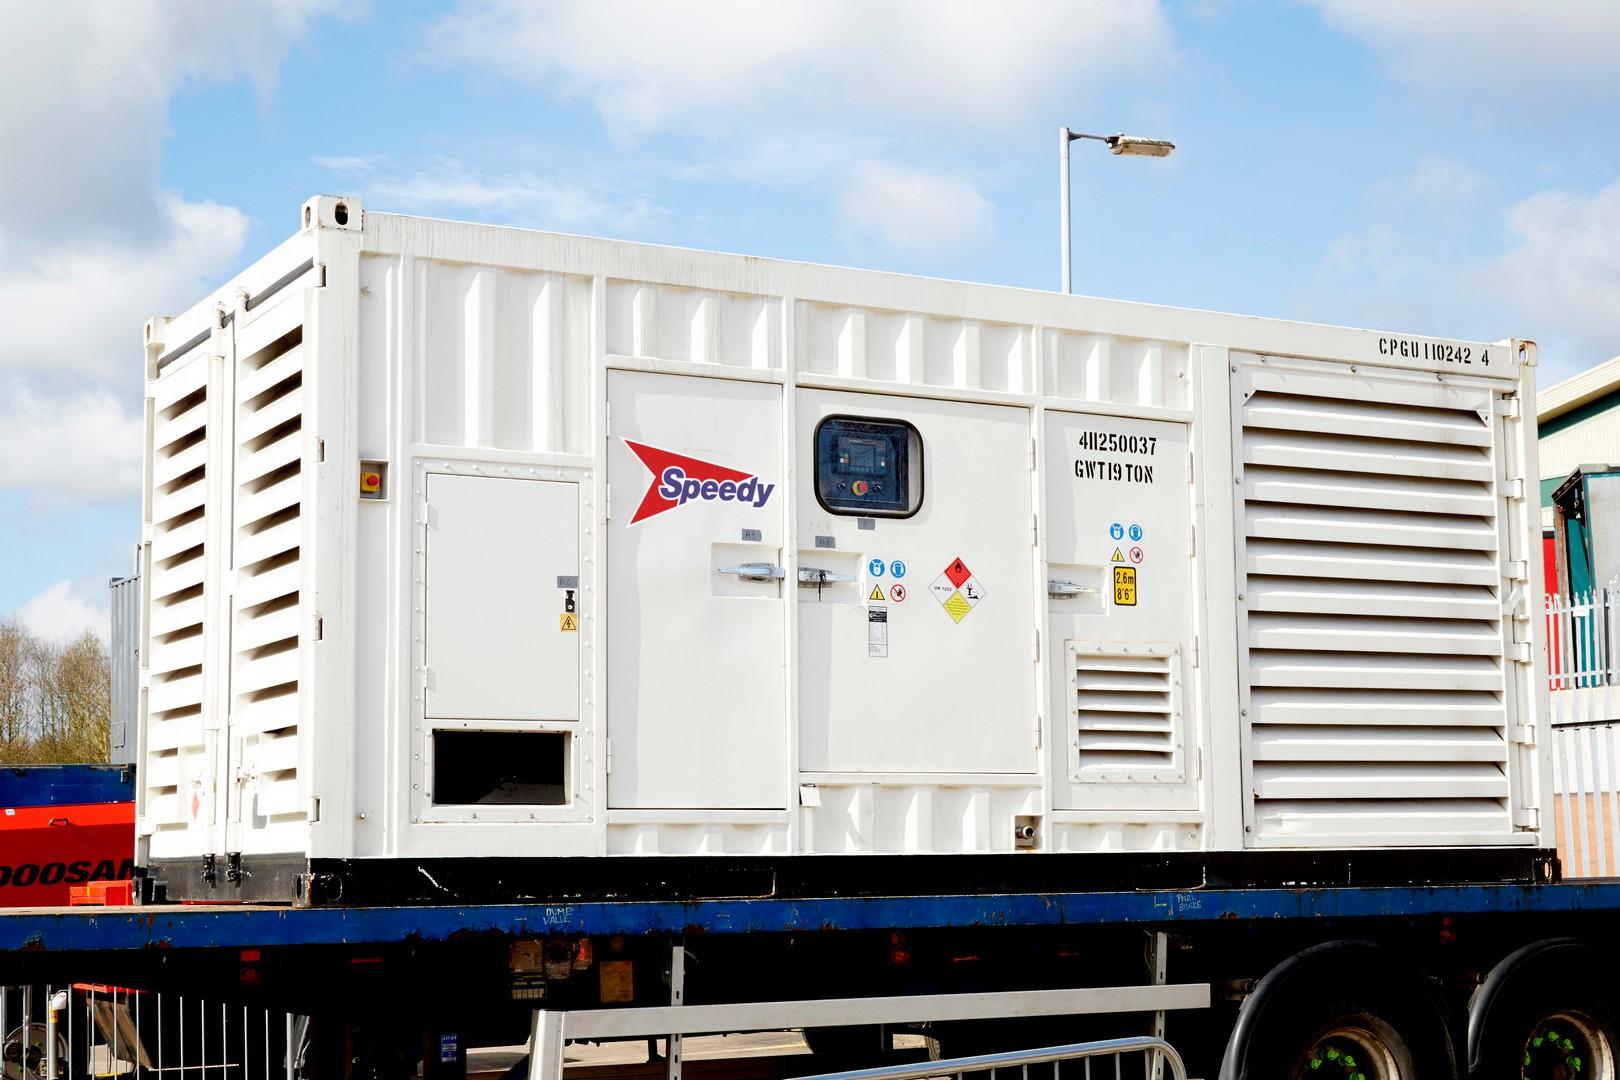 1260 Kva Generator 415/3/50 Mwk60hr Rate